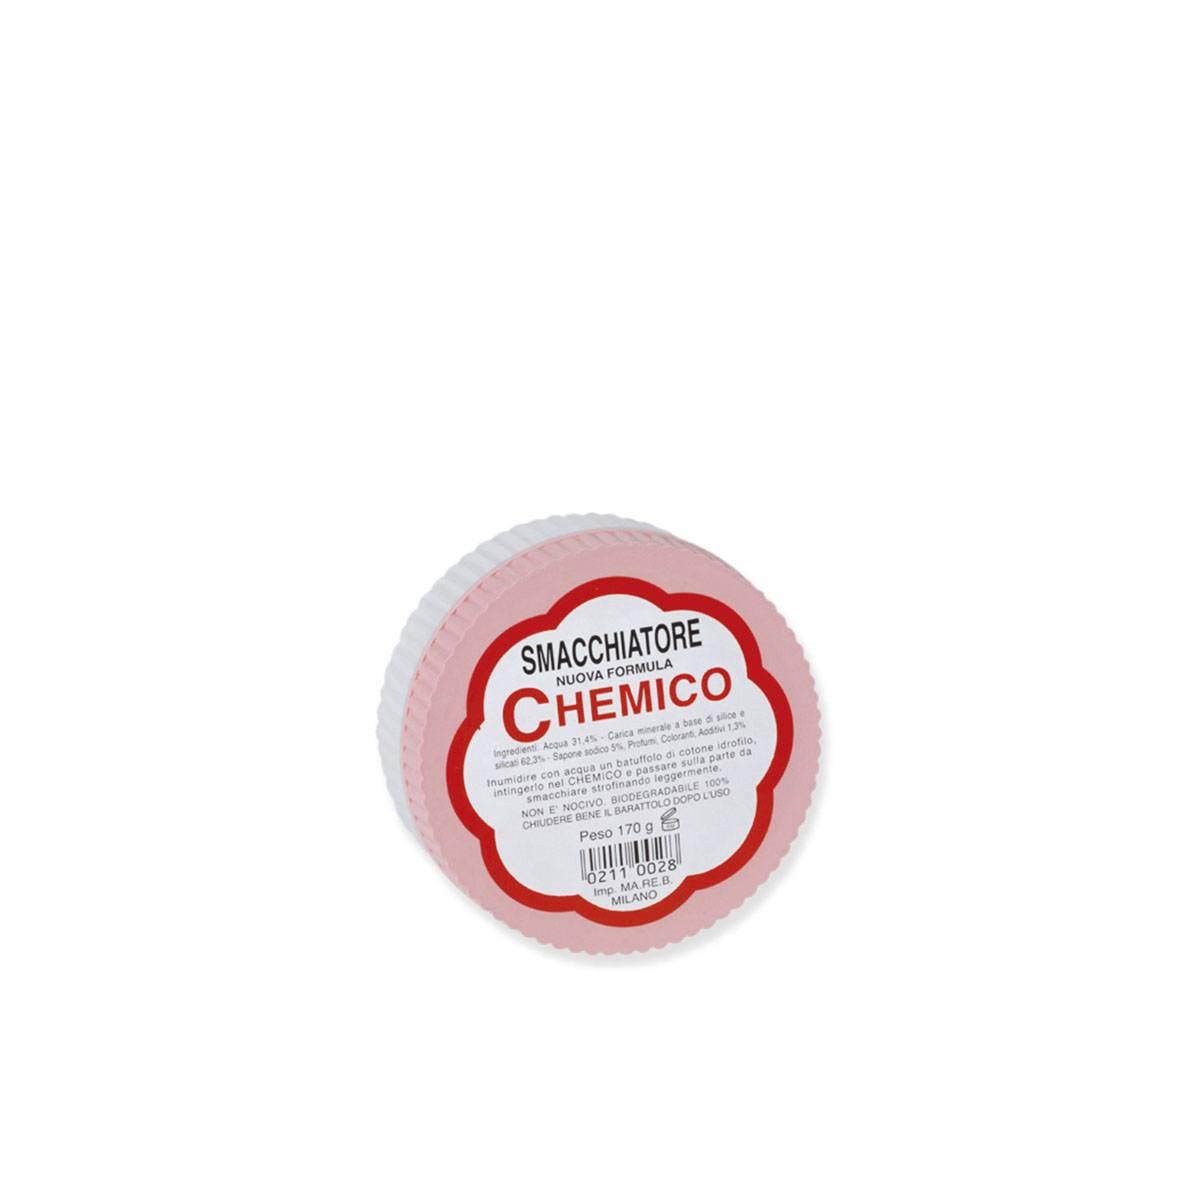 Chemico Smacchiat.vaso 200gr* Nuova Formula**